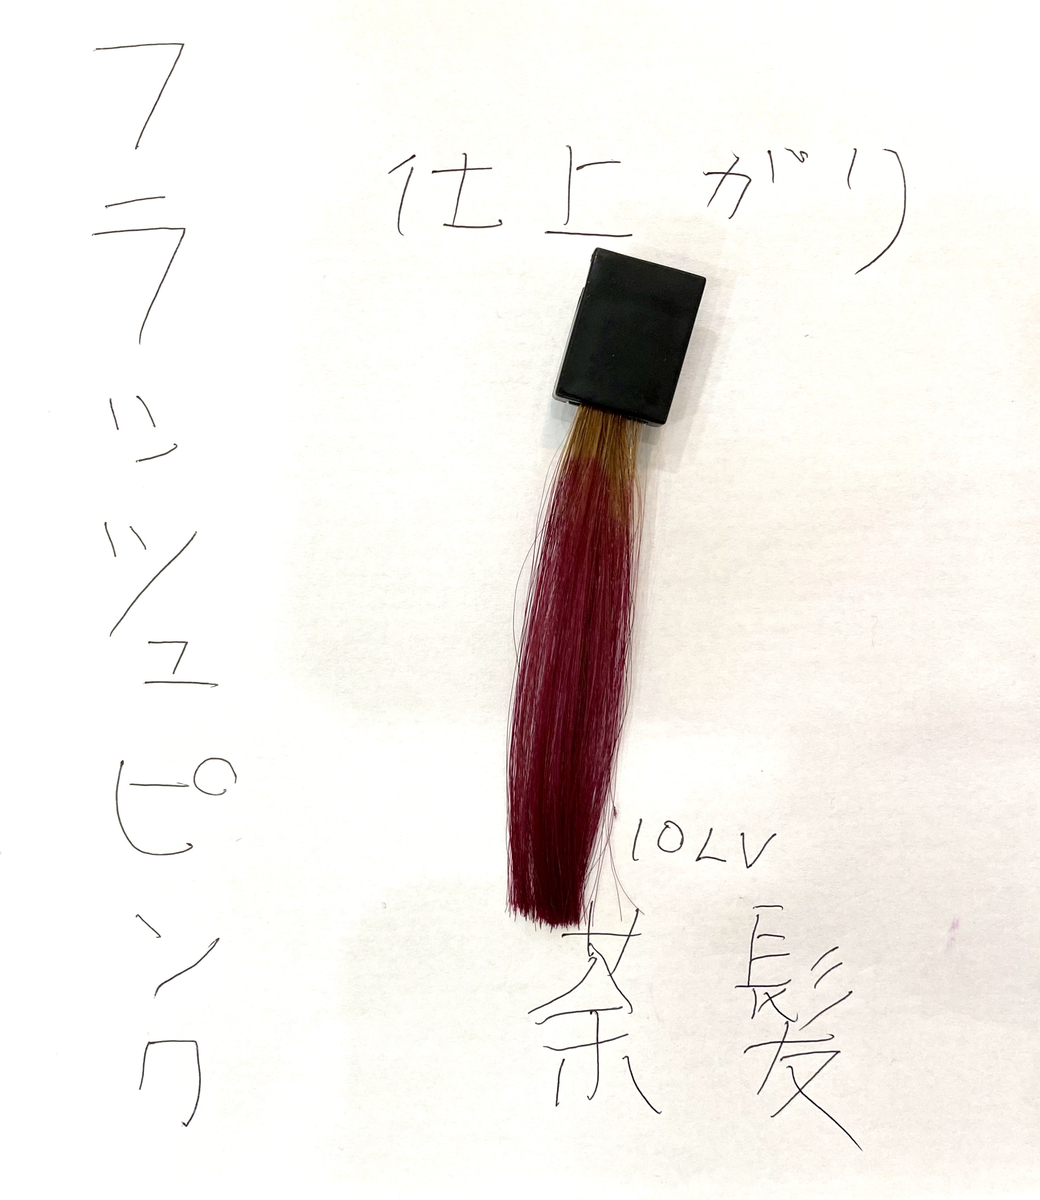 フラッシュピンクで染めた後の茶髪の毛束